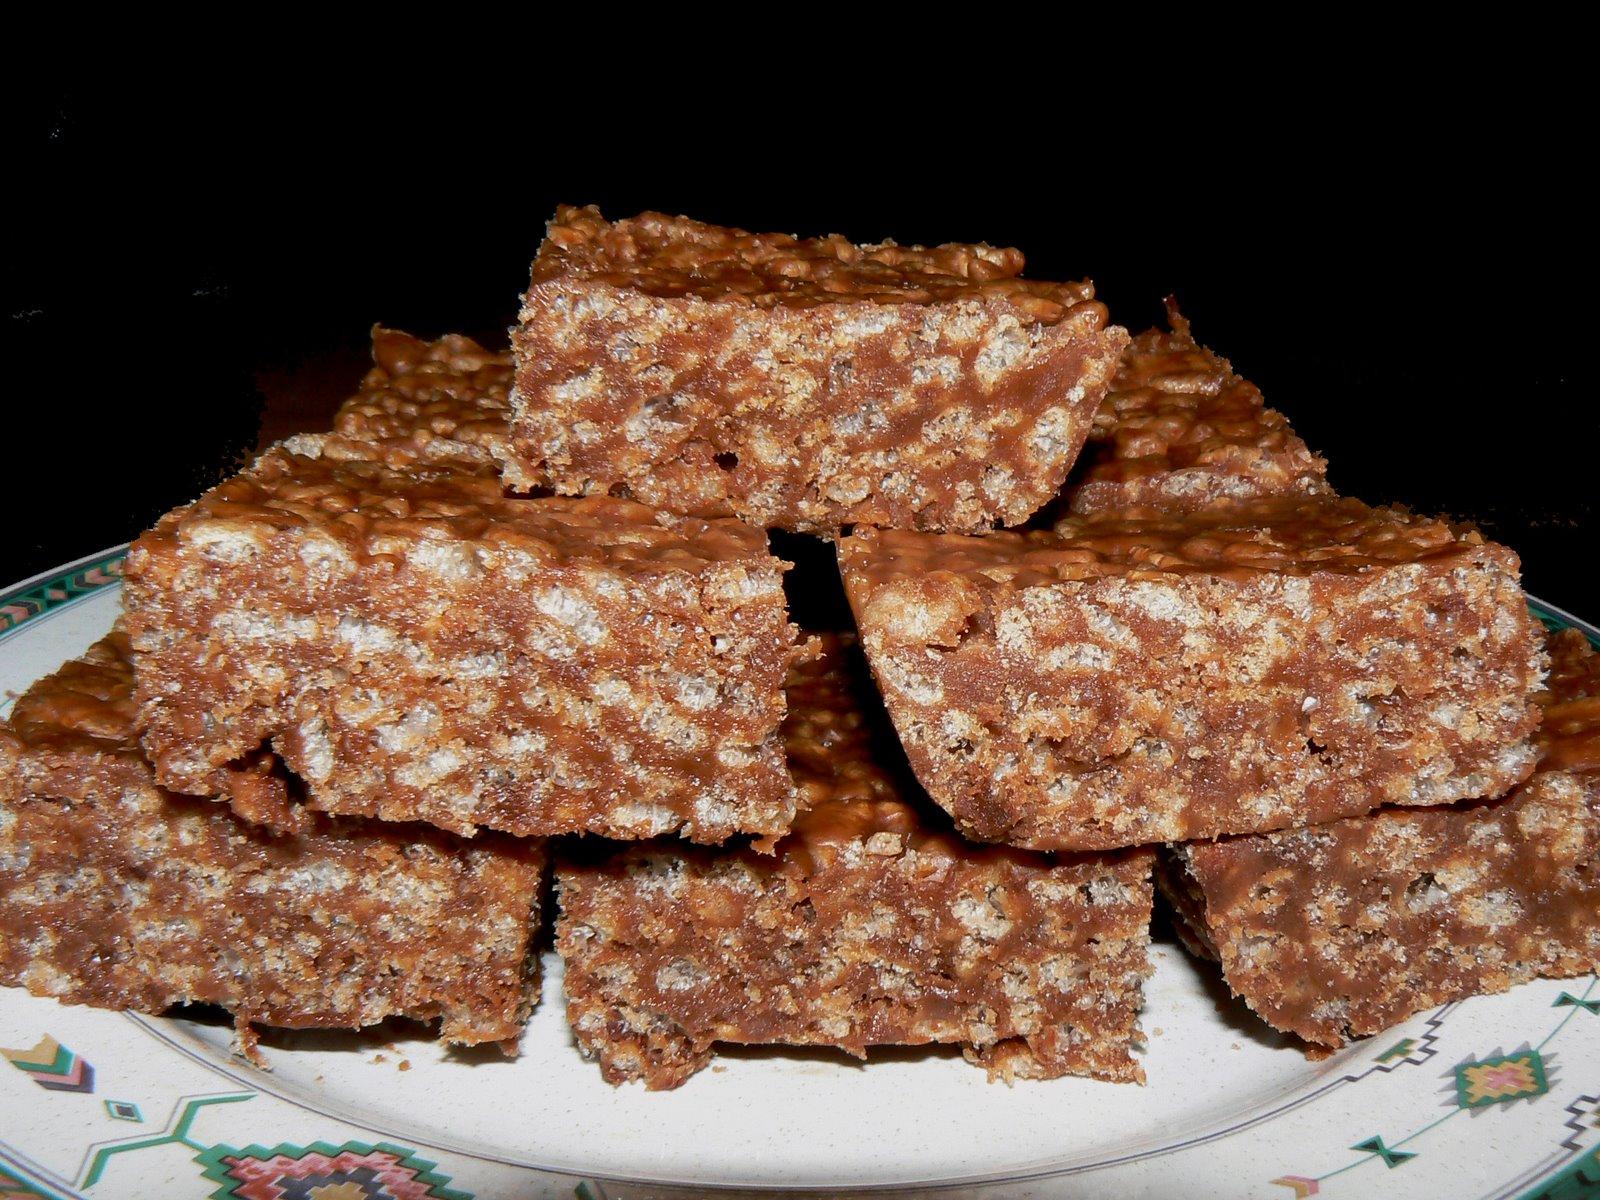 chocolat-au-lait-aux-cereales-croustillantes enceinte